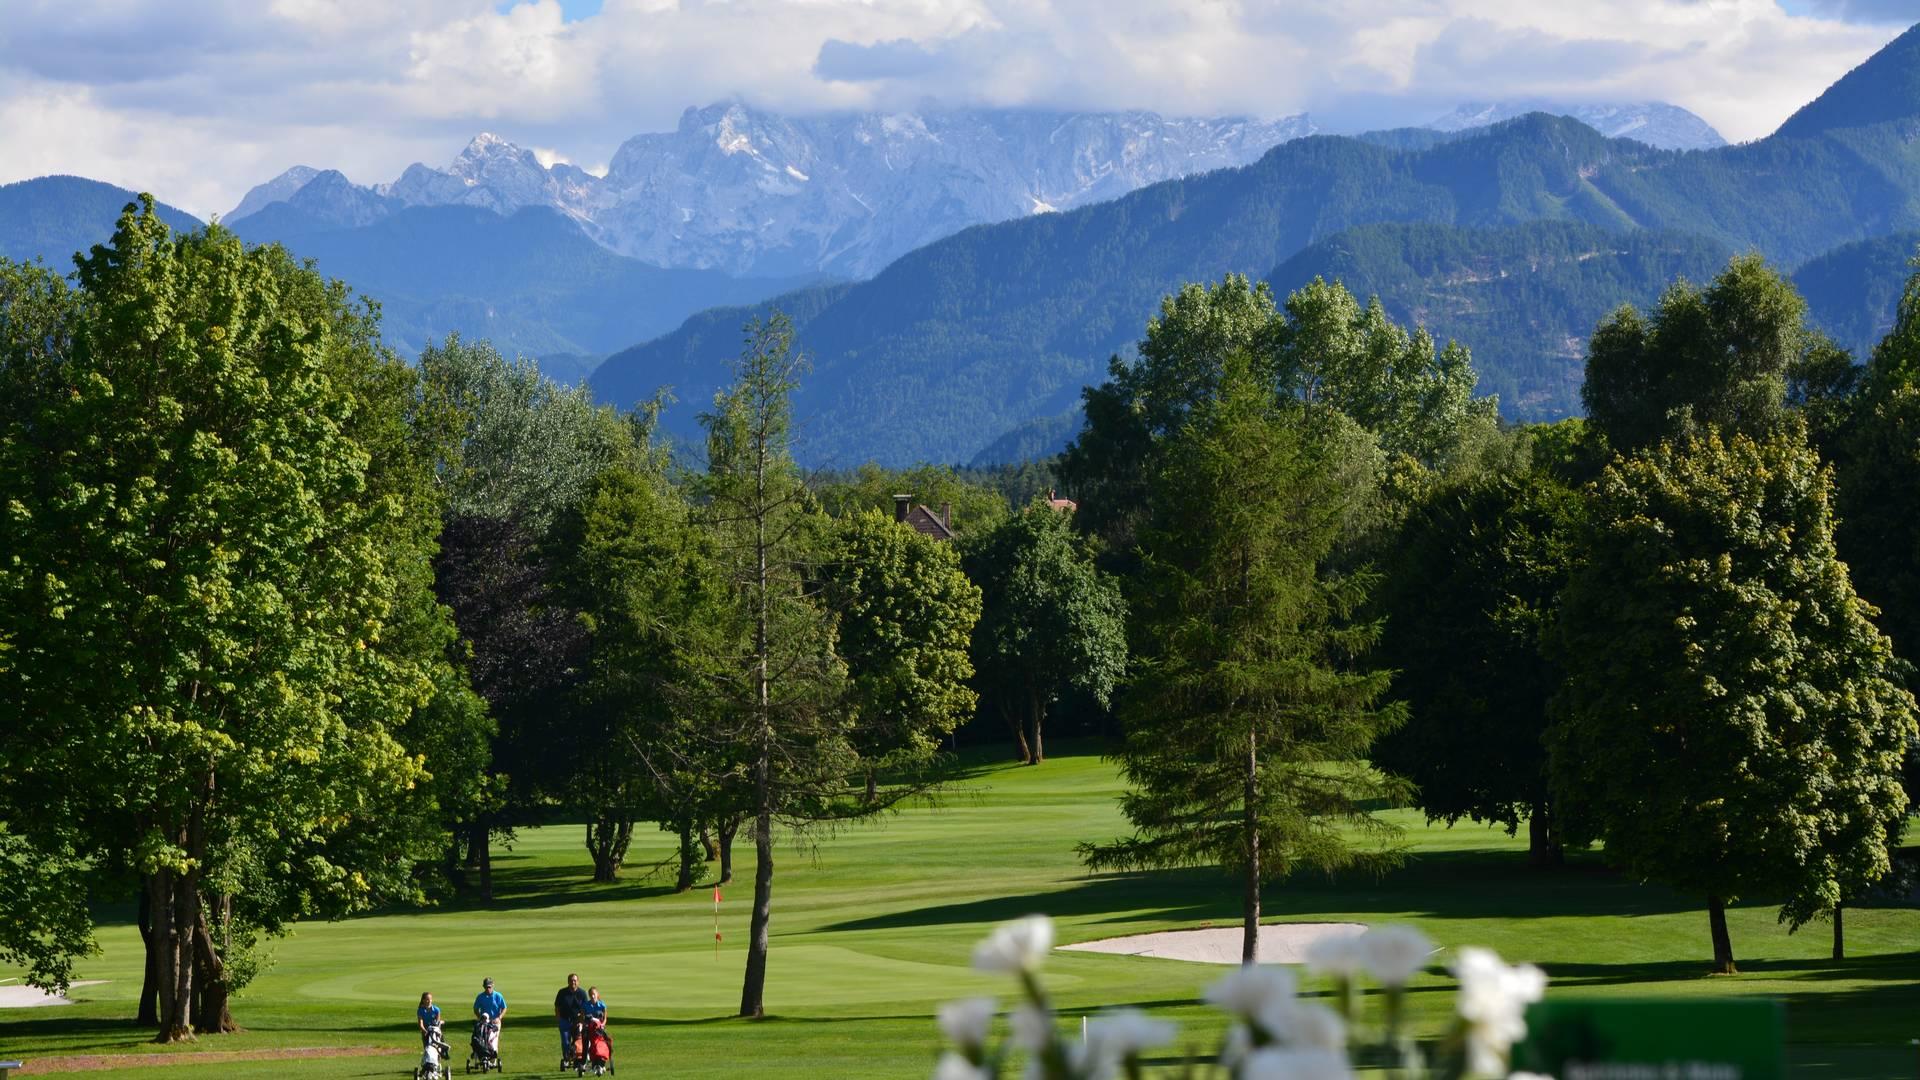 <p>Golf in Kärnten, Golfland, Golfland Kärnten, Golfclub Klopeiner See</p>